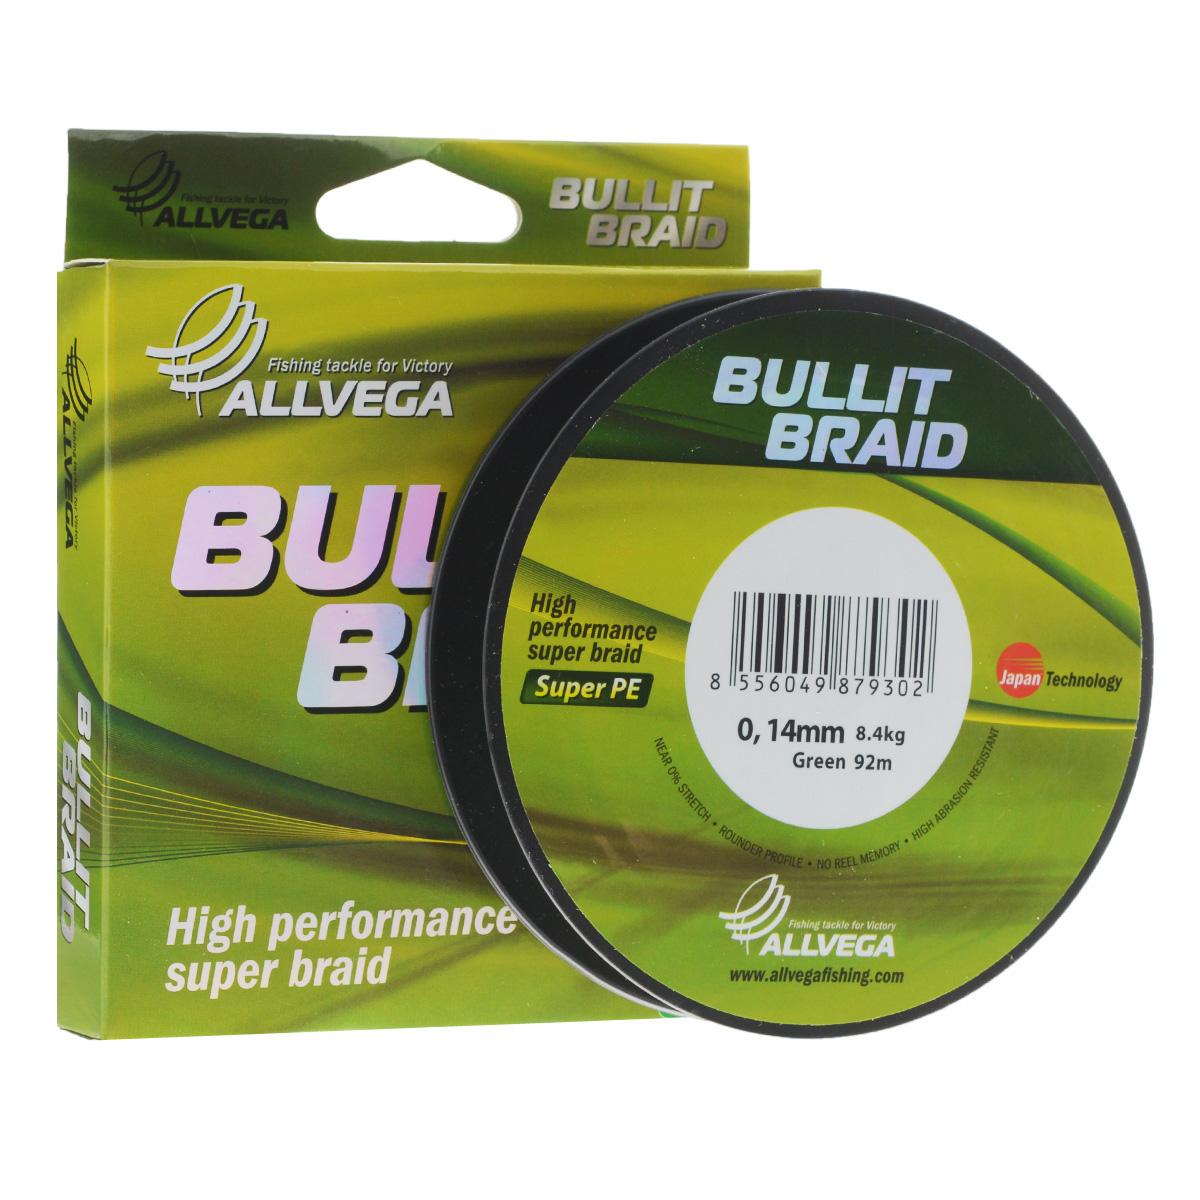 Леска плетеная Allvega Bullit Braid, цвет: темно-зеленый, 92 м, 0,14 мм, 8,4 кг39926Леска Allvega Bullit Braid с гладкой поверхностью и одинаковым сечением по всей длине обладает высокой износостойкостью. Благодаря микроволокнам полиэтилена (Super PE) леска имеет очень плотное плетение и не впитывает воду. Леску Allvega Bullit Braid можно применять в любых типах водоемов. Особенности:повышенная износостойкость;высокая чувствительность - коэффициент растяжения близок к нулю;отсутствует память; идеально гладкая поверхность позволяет увеличить дальность забросов; высокая прочность шнура на узлах.